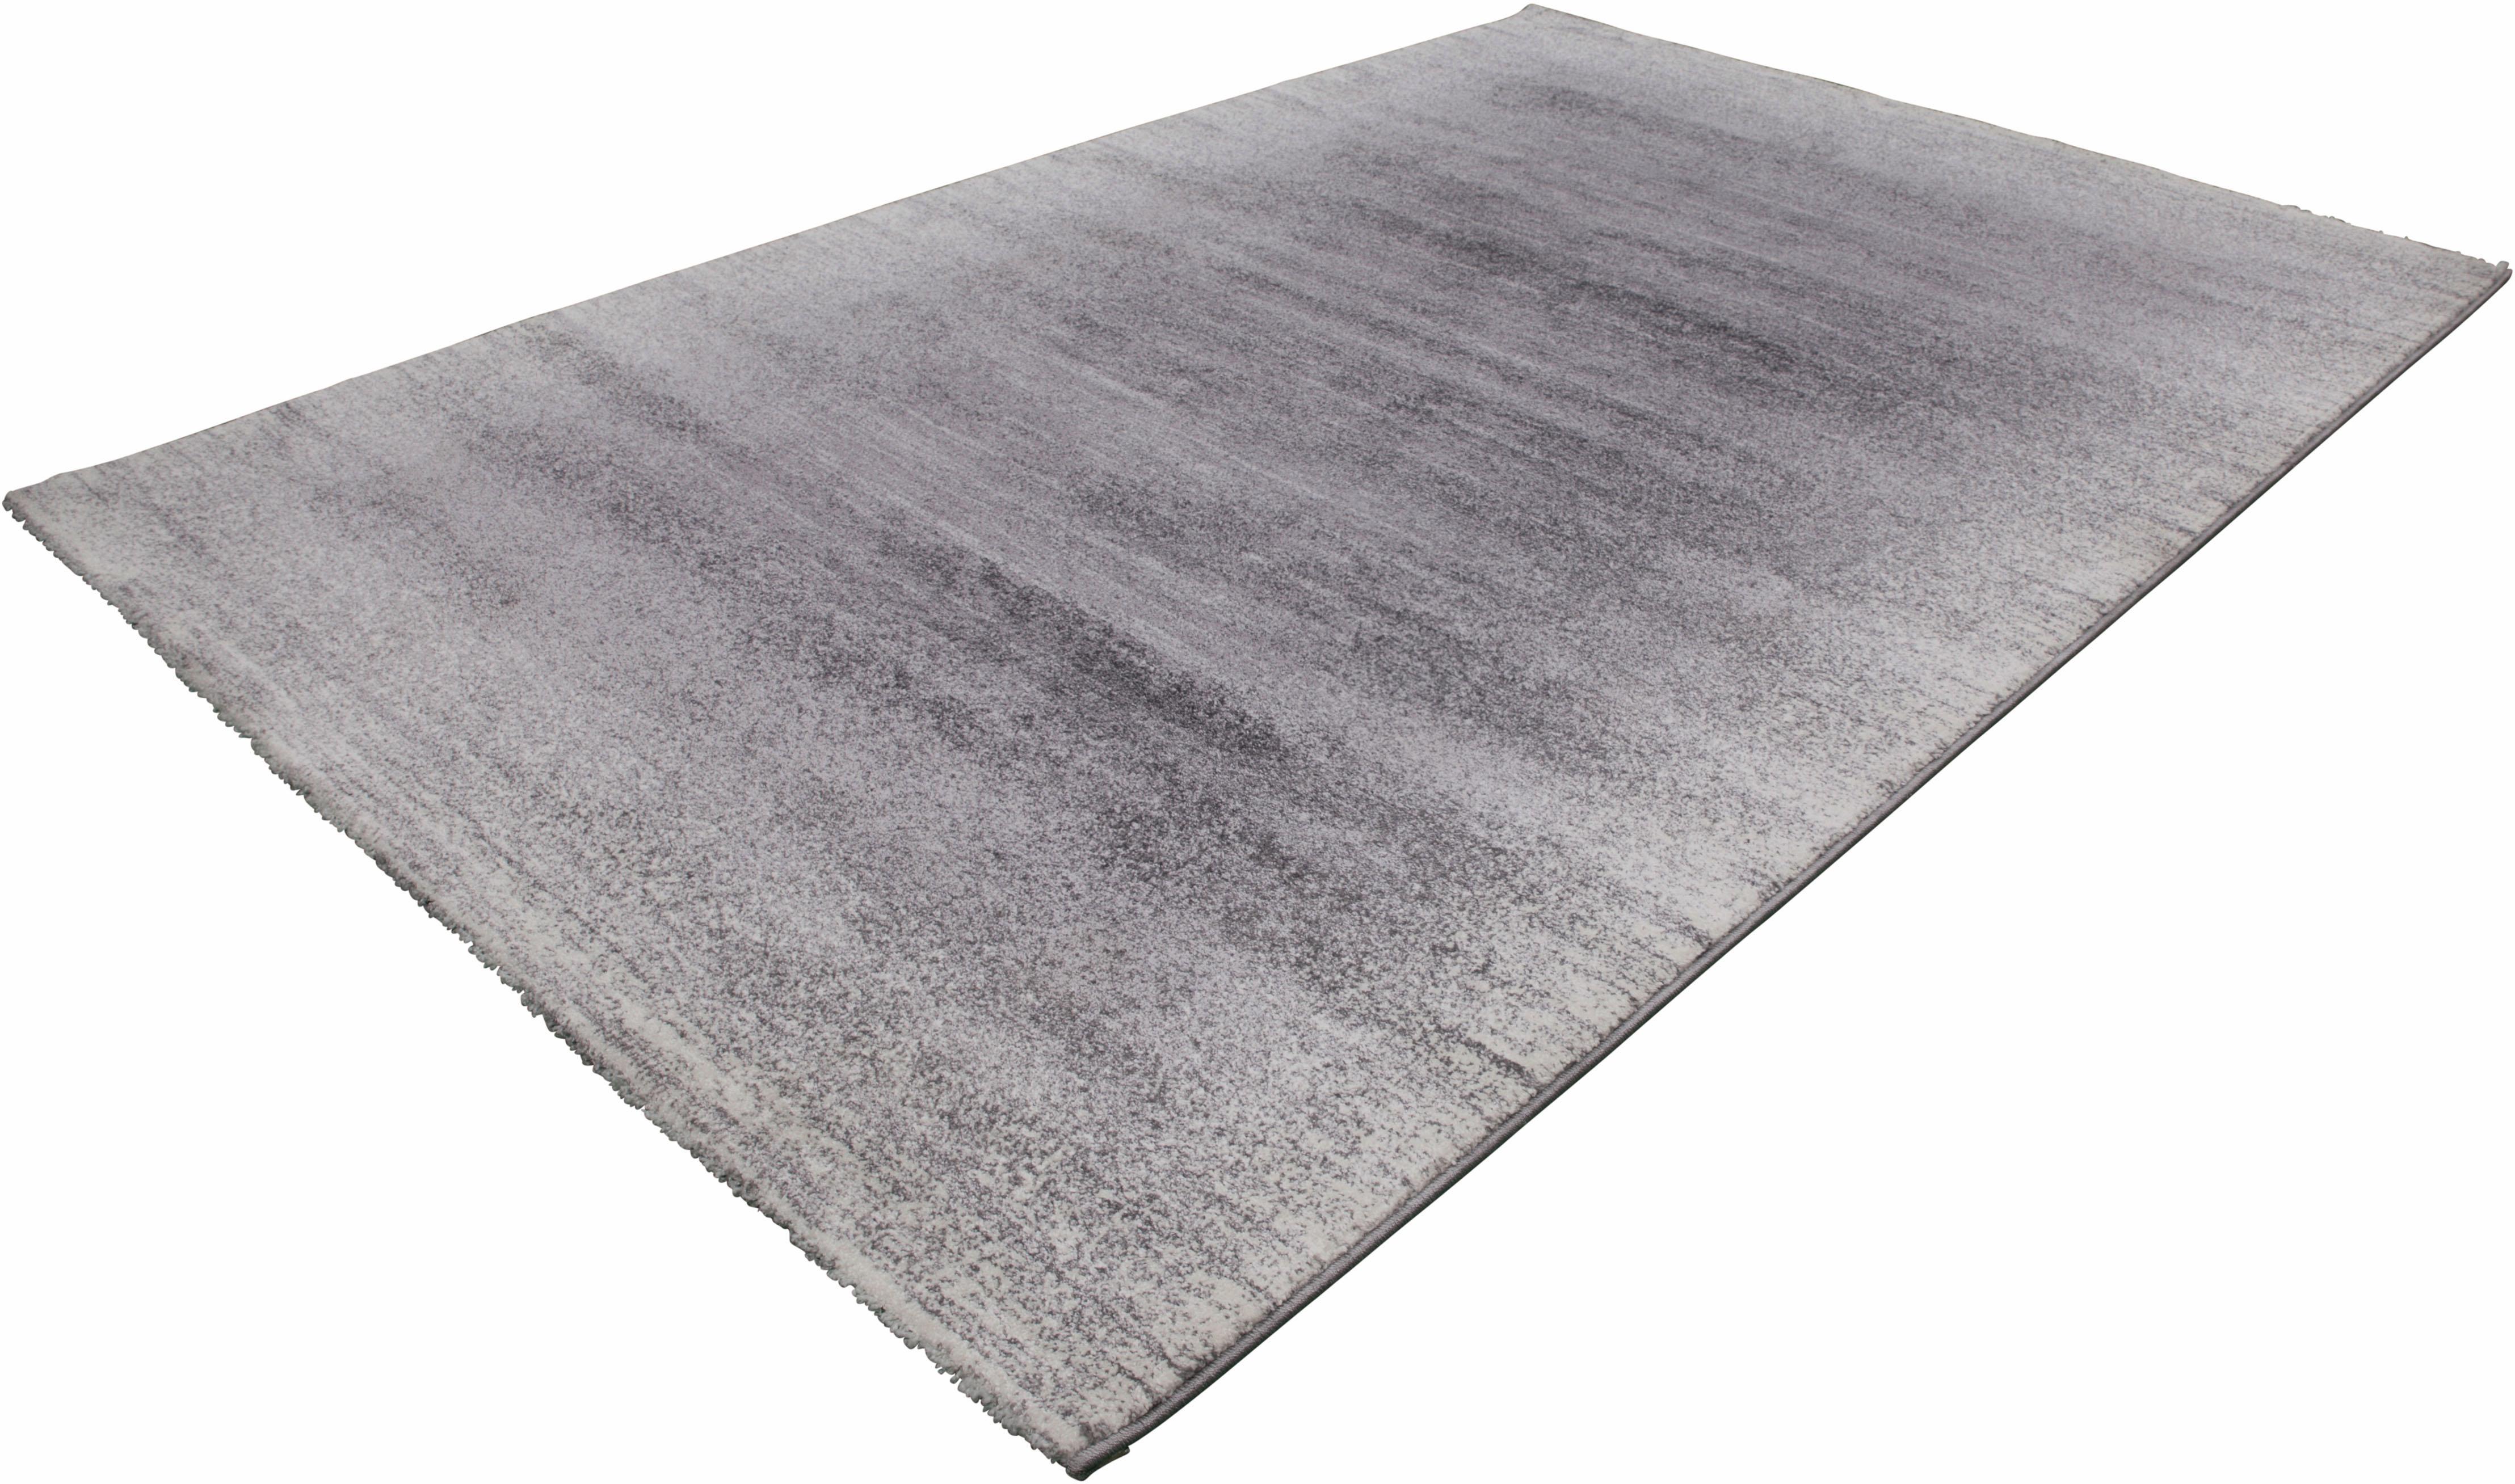 Teppich Feeling 502 LALEE rechteckig Höhe 15 mm maschinell gewebt